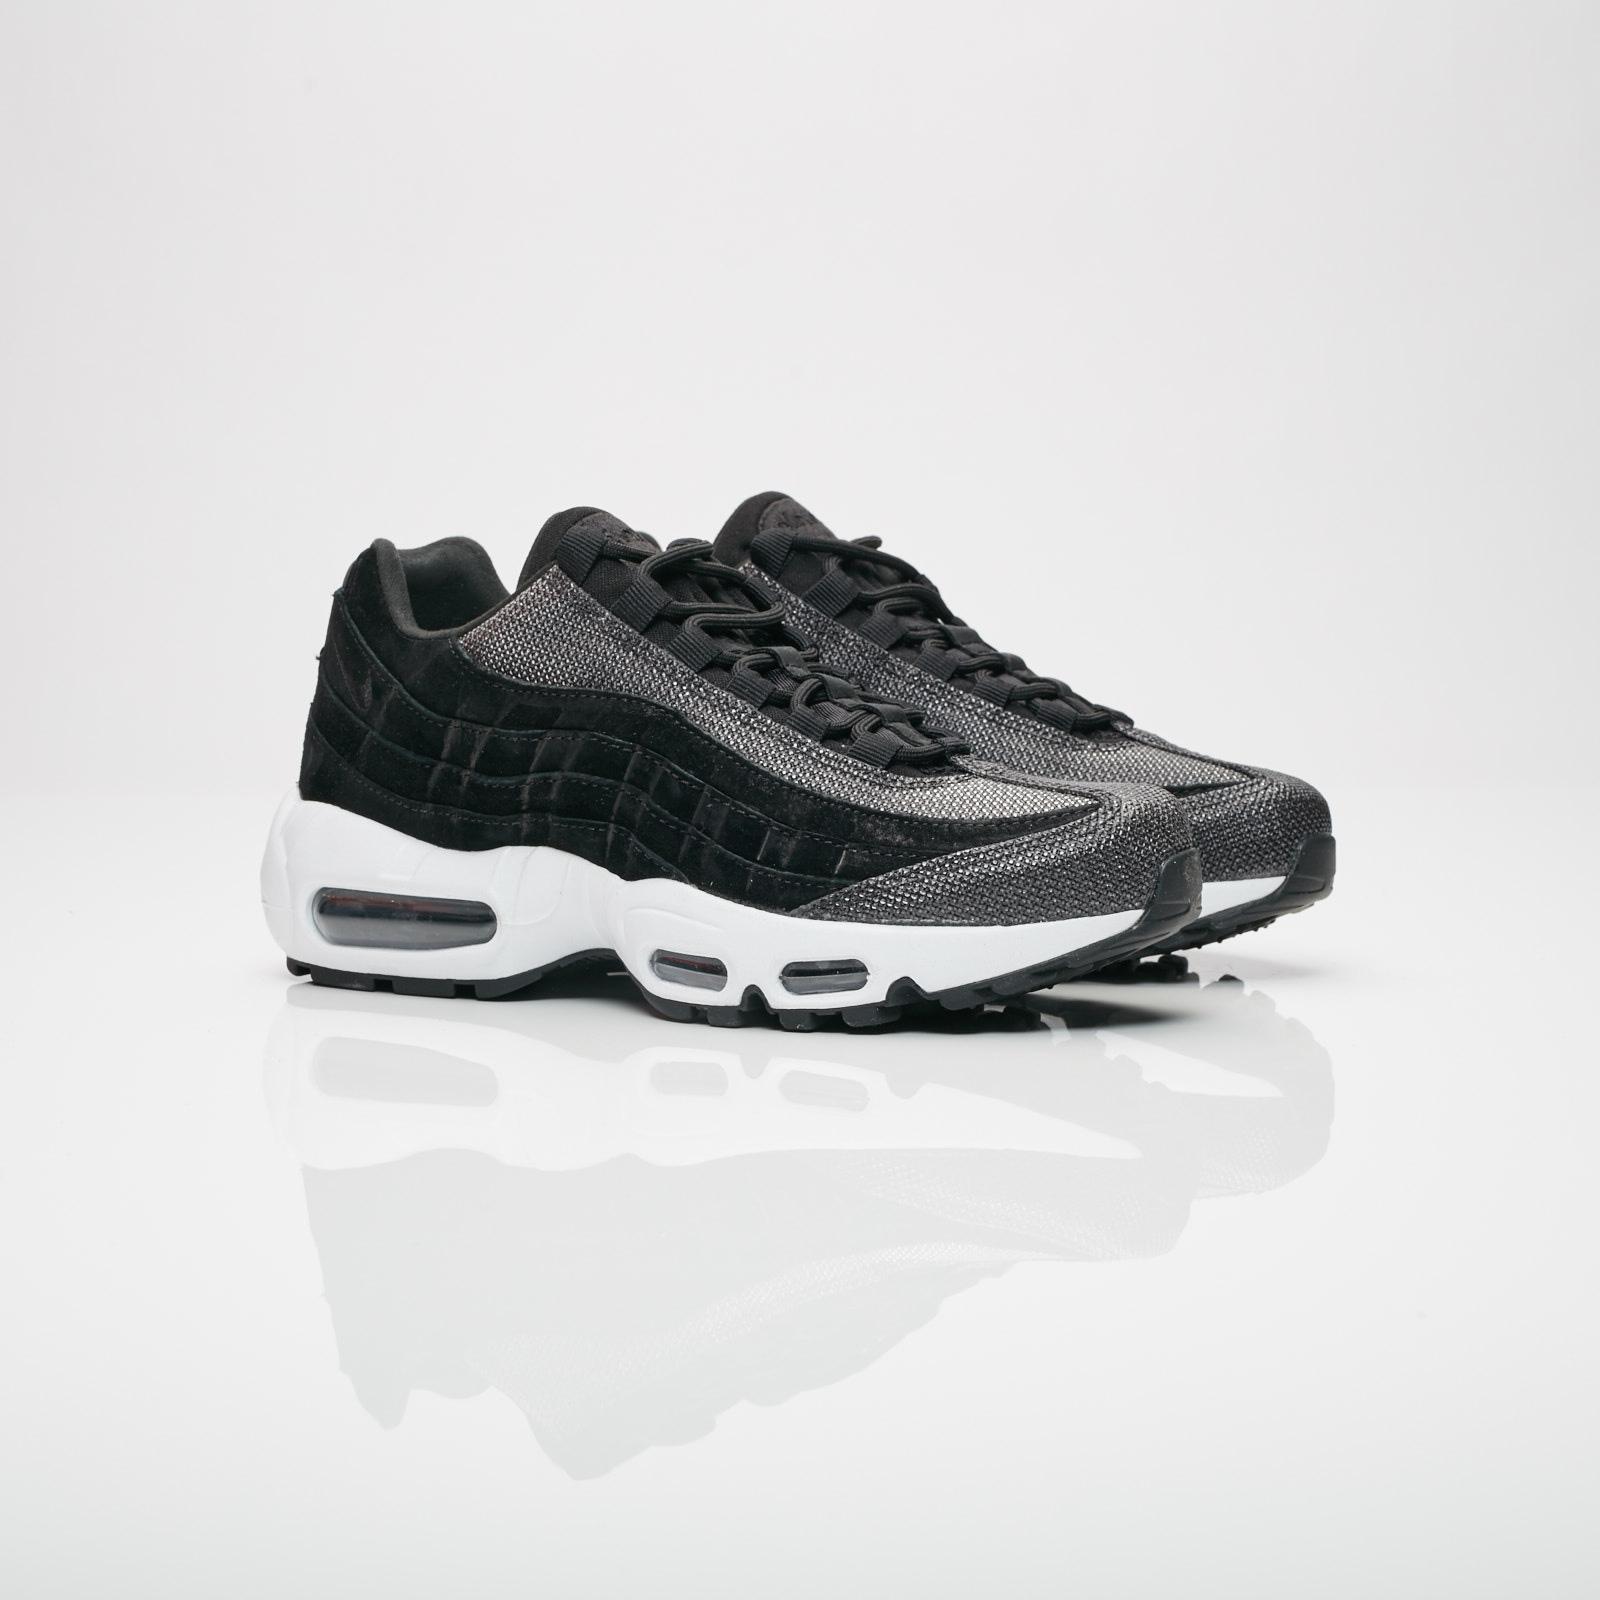 Nike Wmns Air Max 95 PRM 807443 014 Sneakersnstuff I